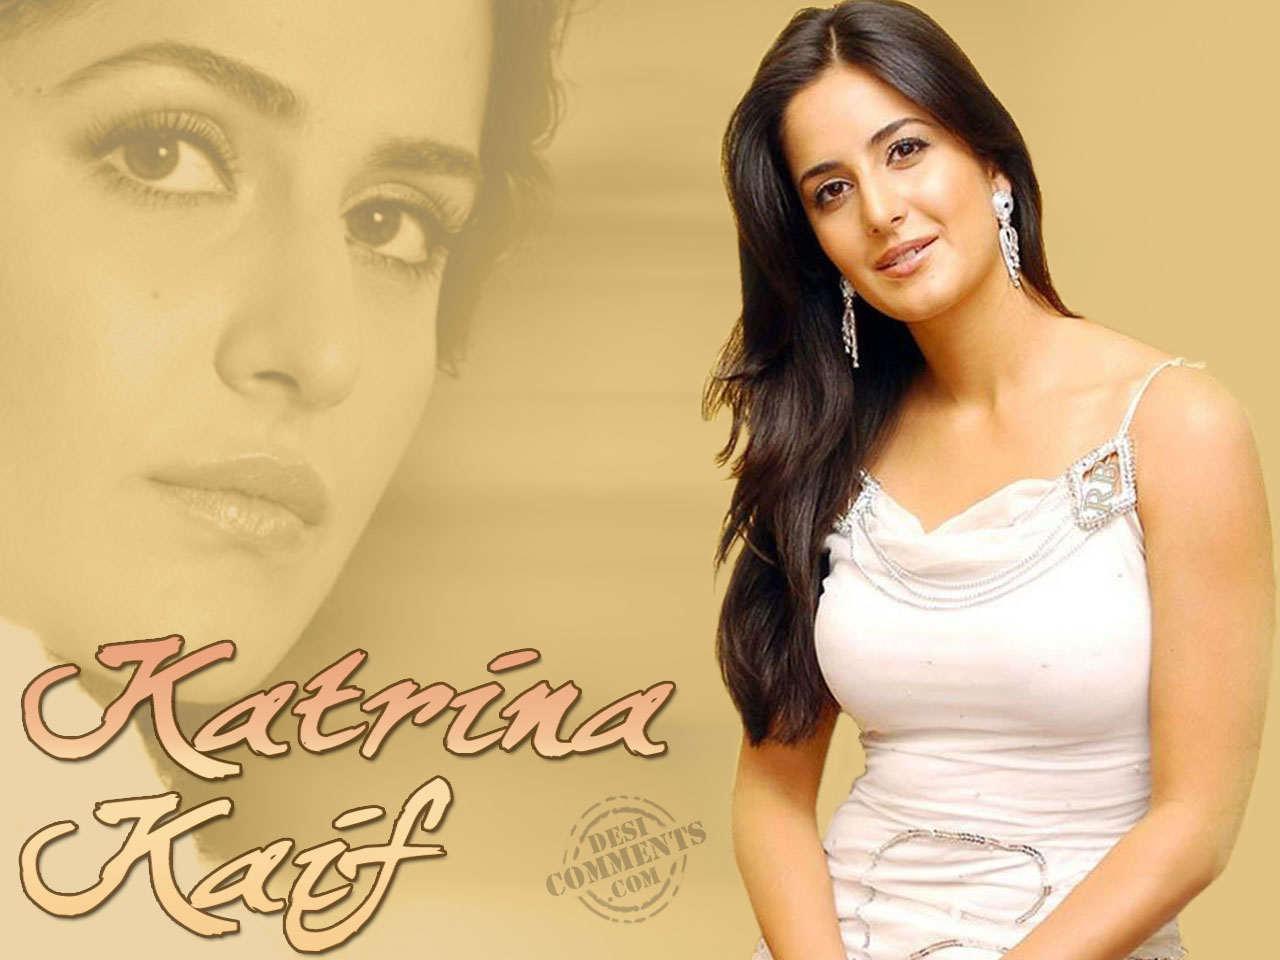 http://4.bp.blogspot.com/-peB6Y9Eeoko/TyemZ3sGP2I/AAAAAAAABo4/0whlKq7SDOM/s1600/hot-Katrina-Kaif-Wallpapers.jpg